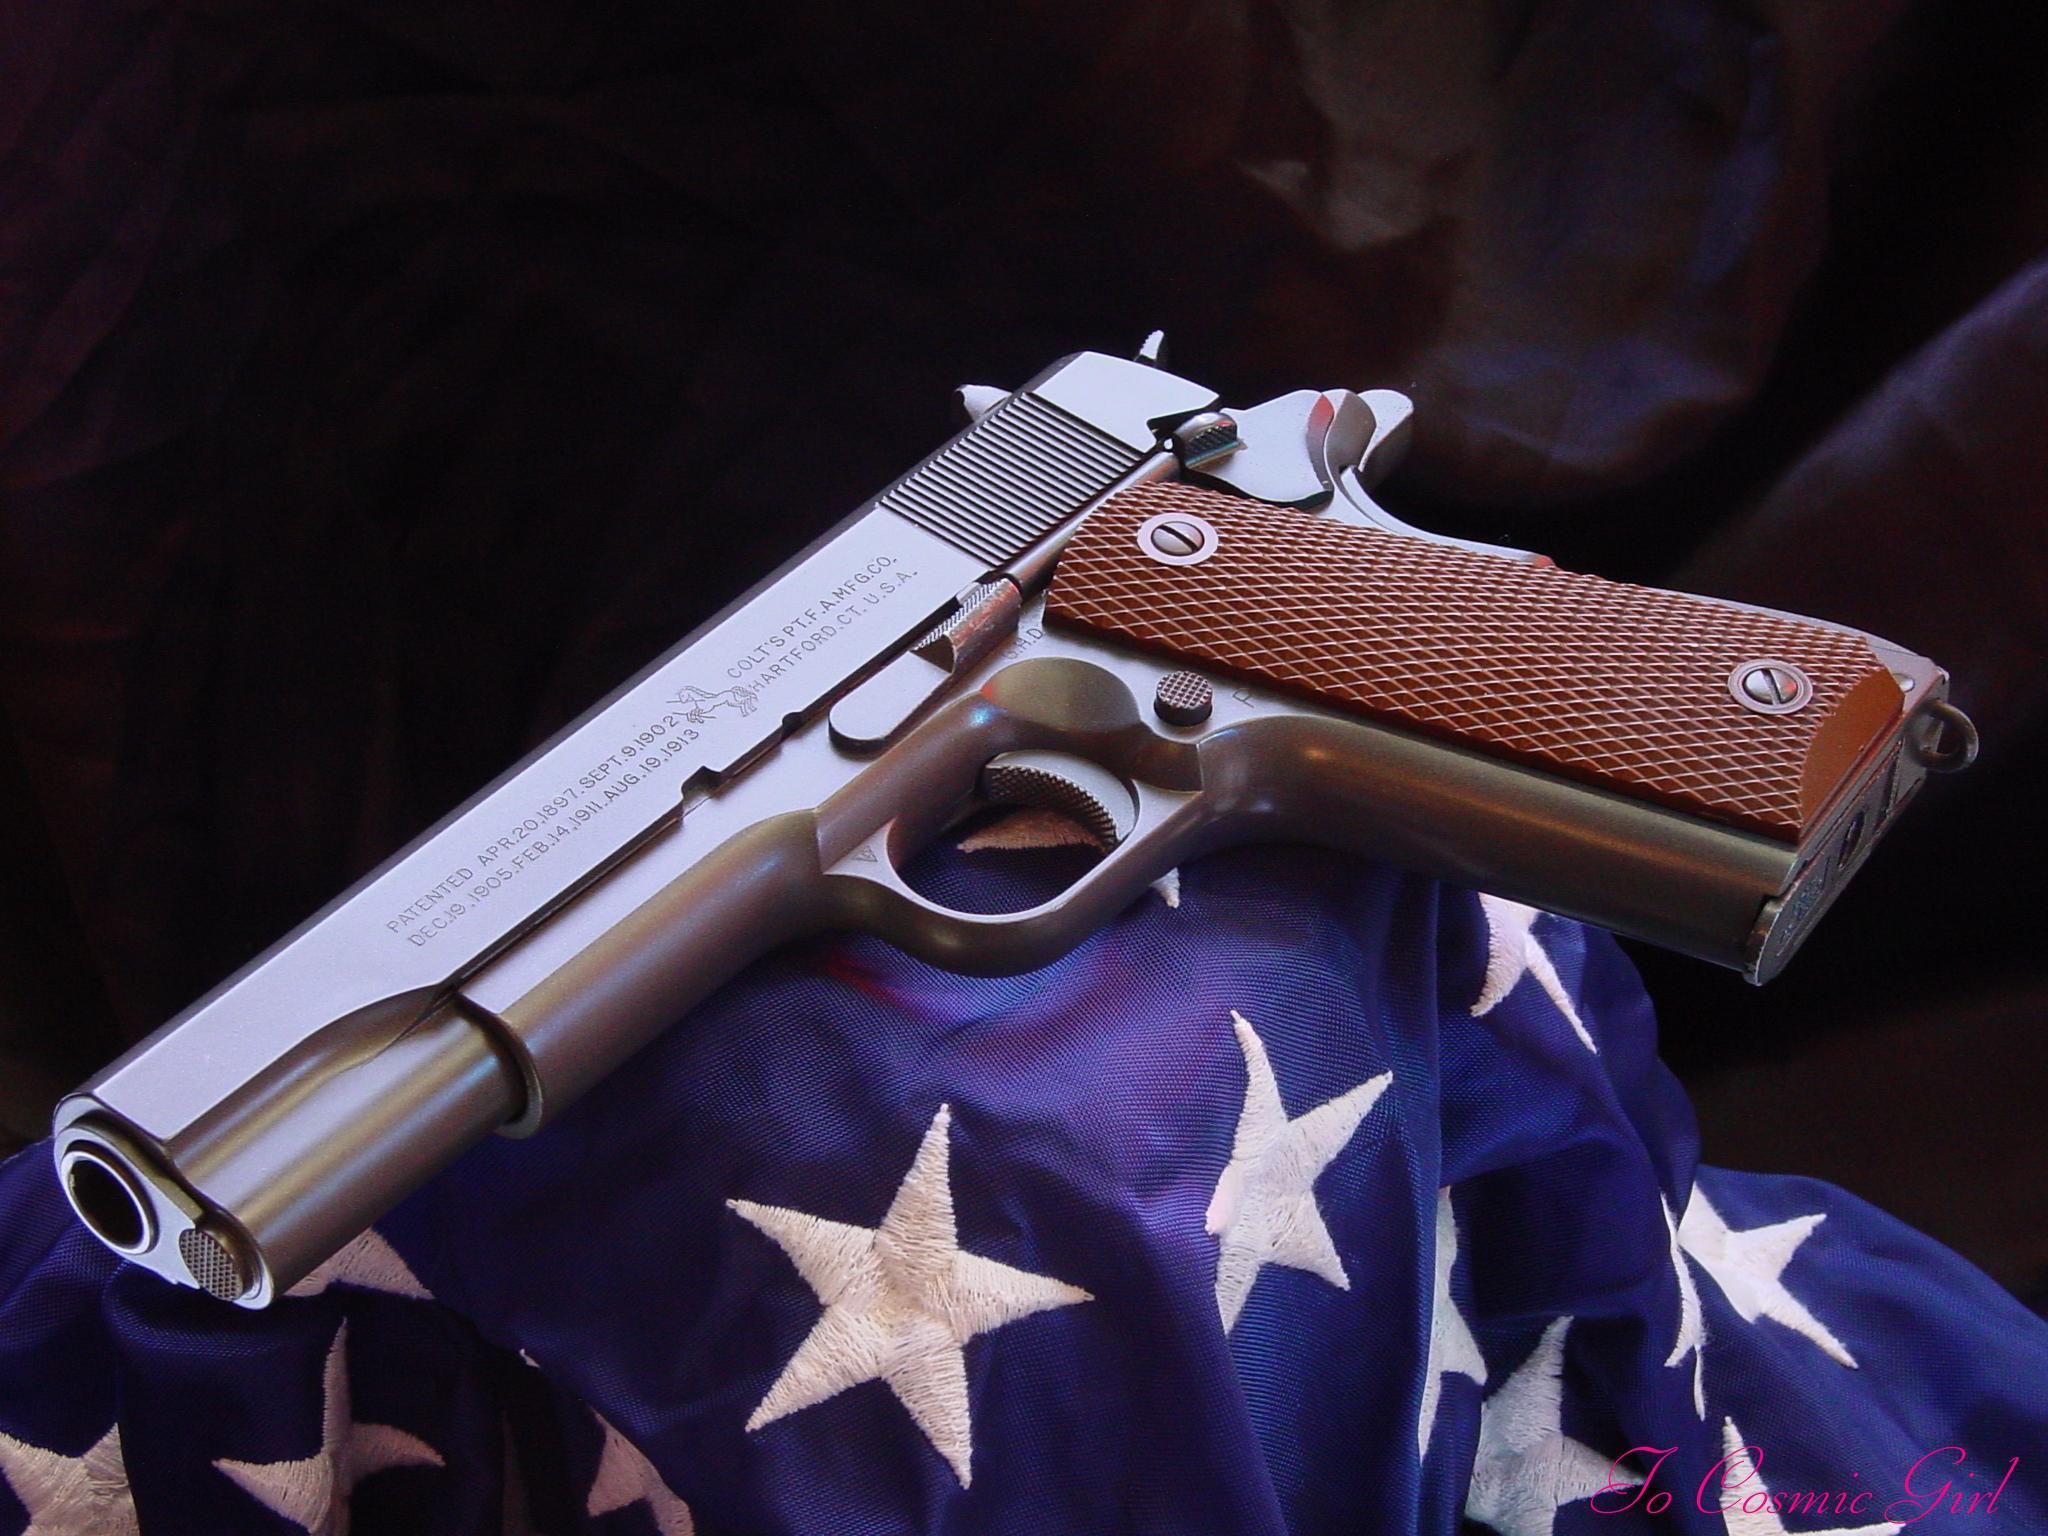 Guns weapons handguns colt 1911 wallpaper background 2048x1536